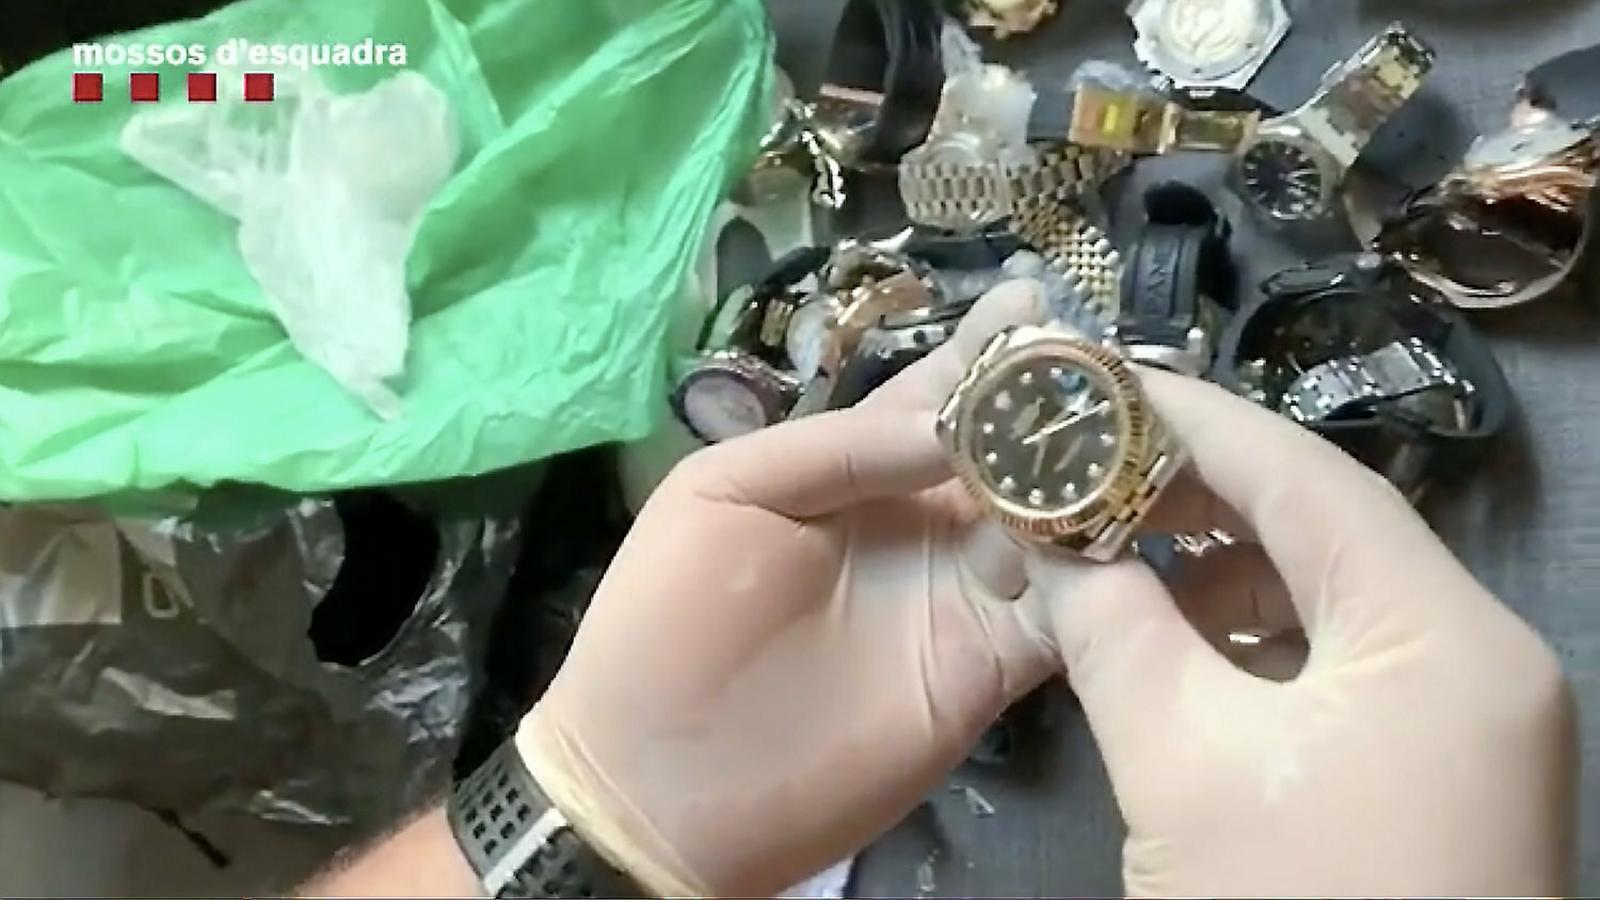 Robatoris de rellotges de luxe per encàrrec: de Barcelona a l'estranger